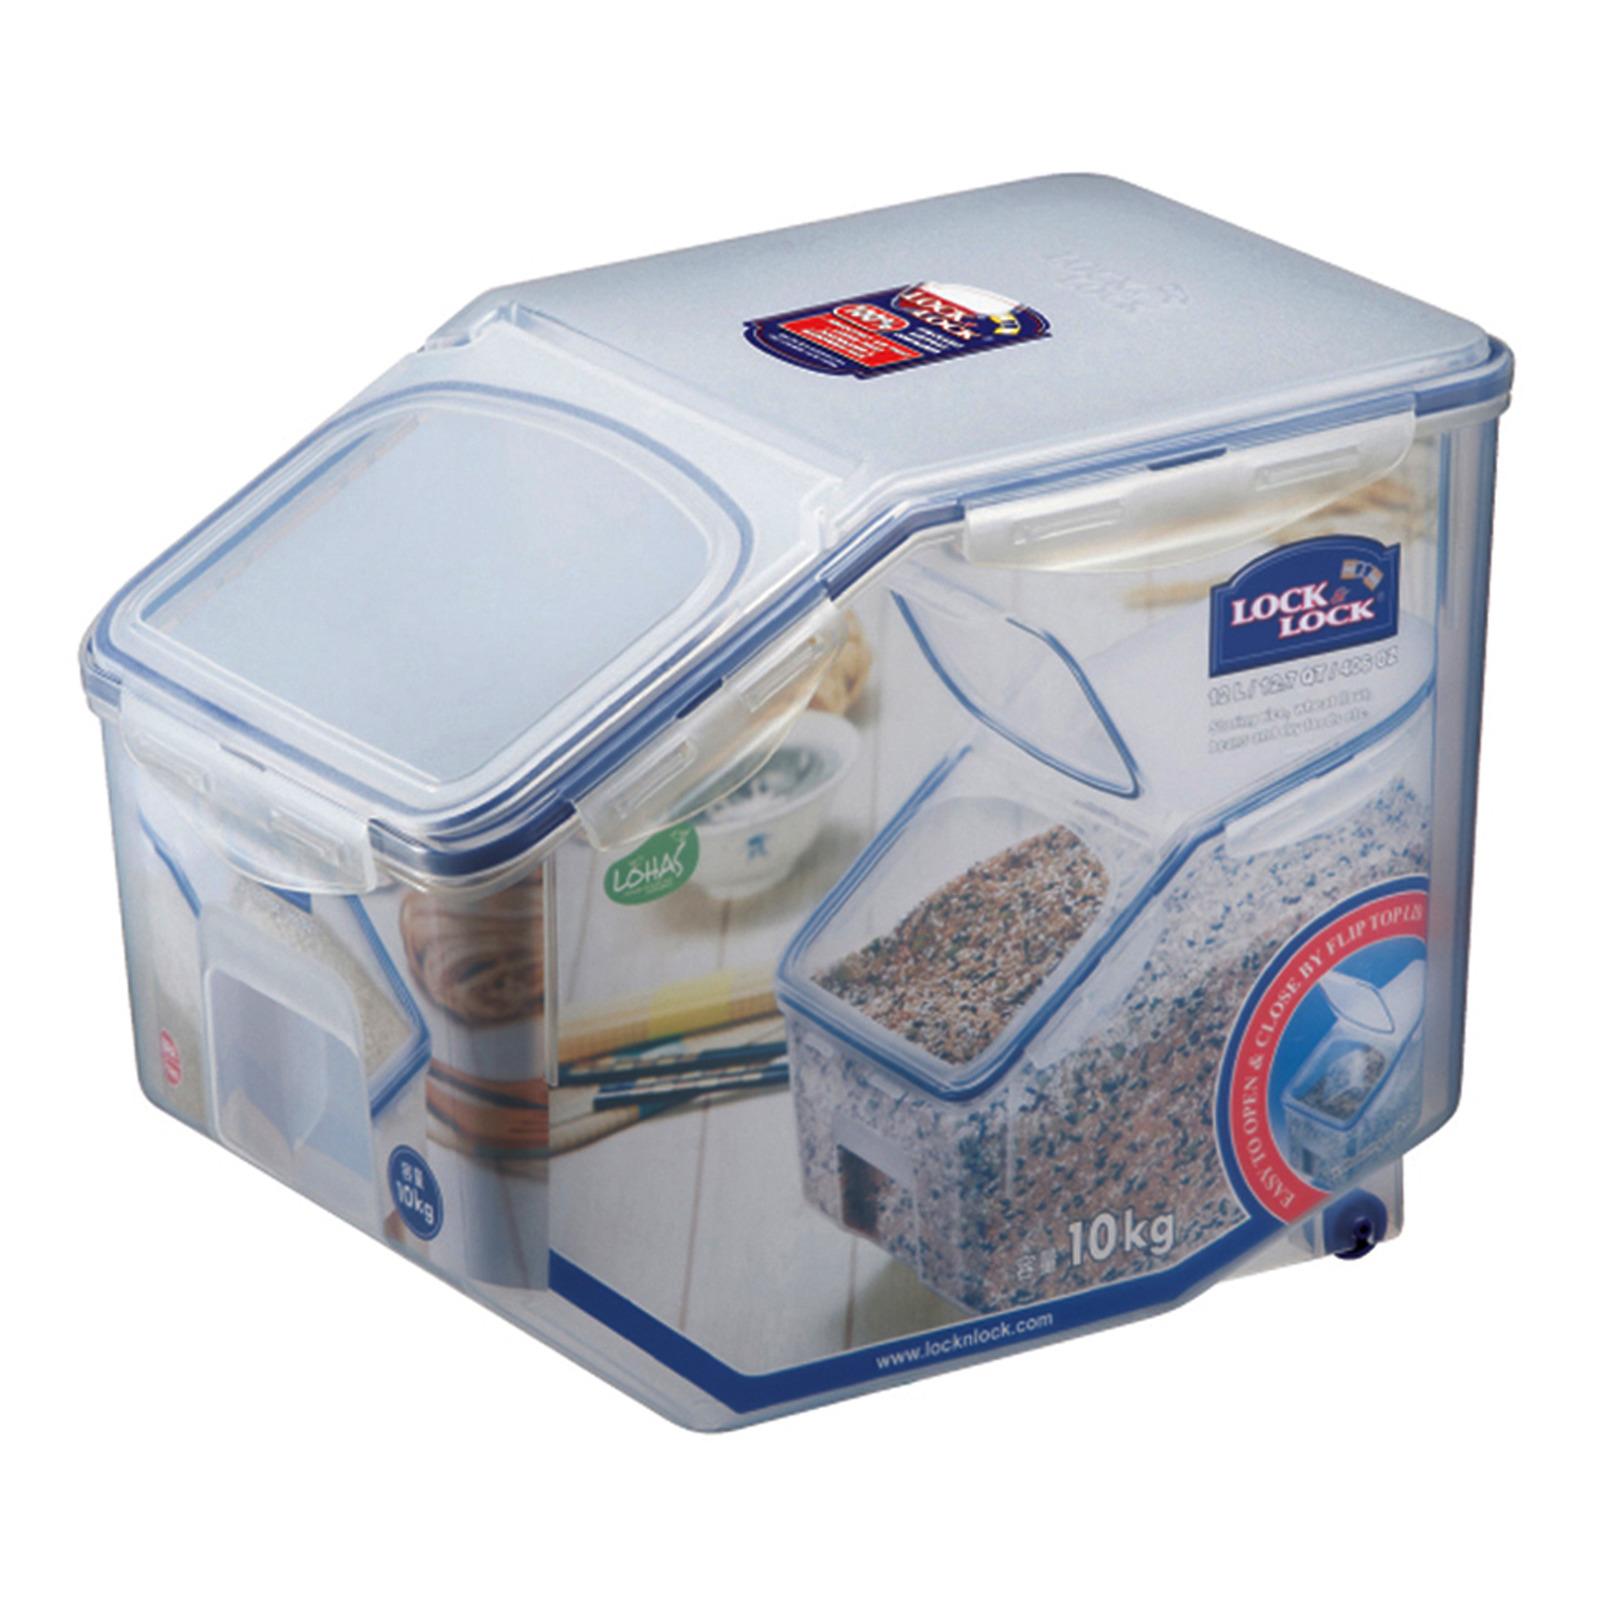 Lock & Lock Rice Container